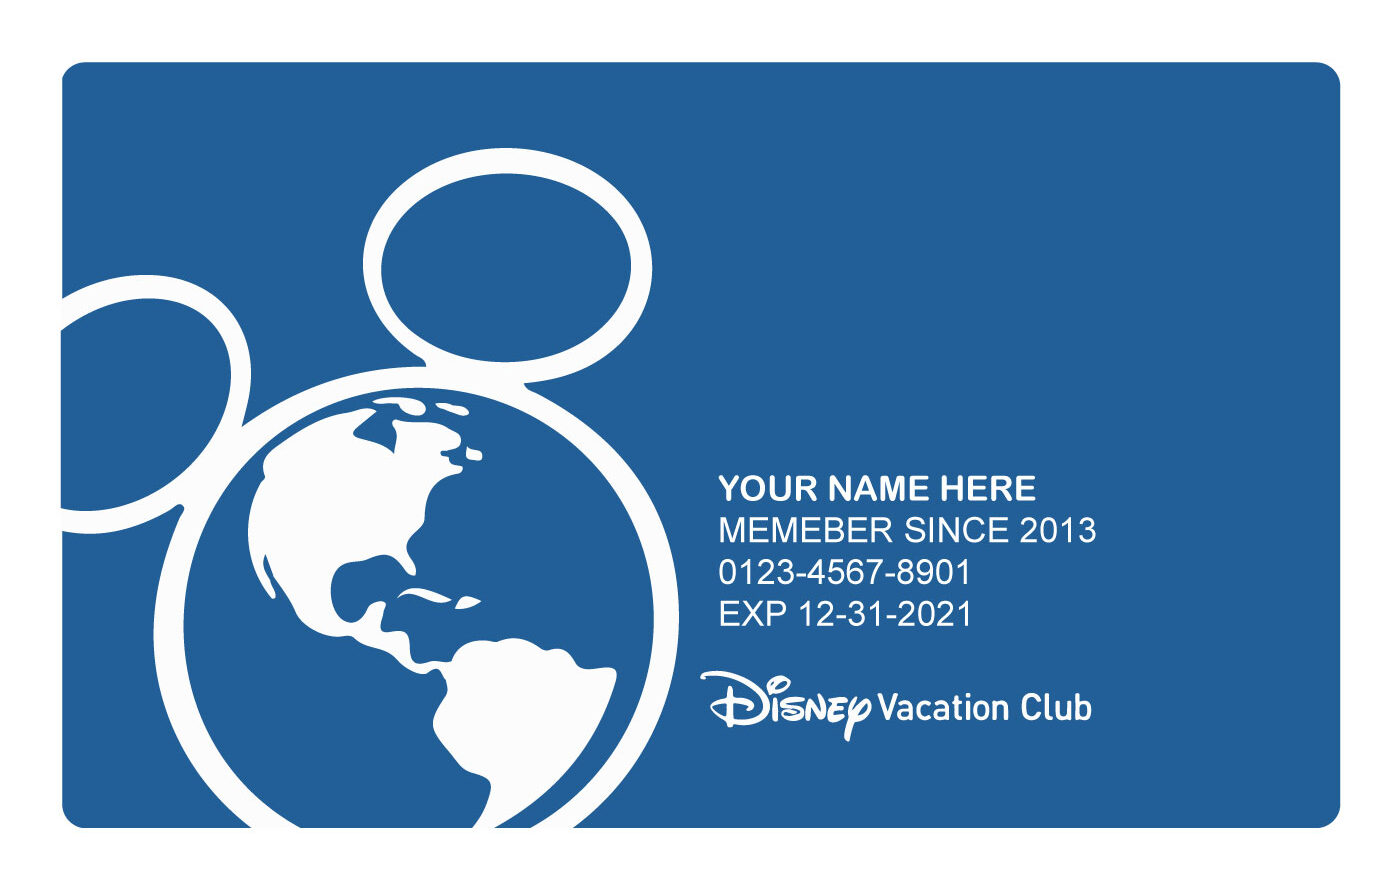 DVC Full Member Benefits Blue Card